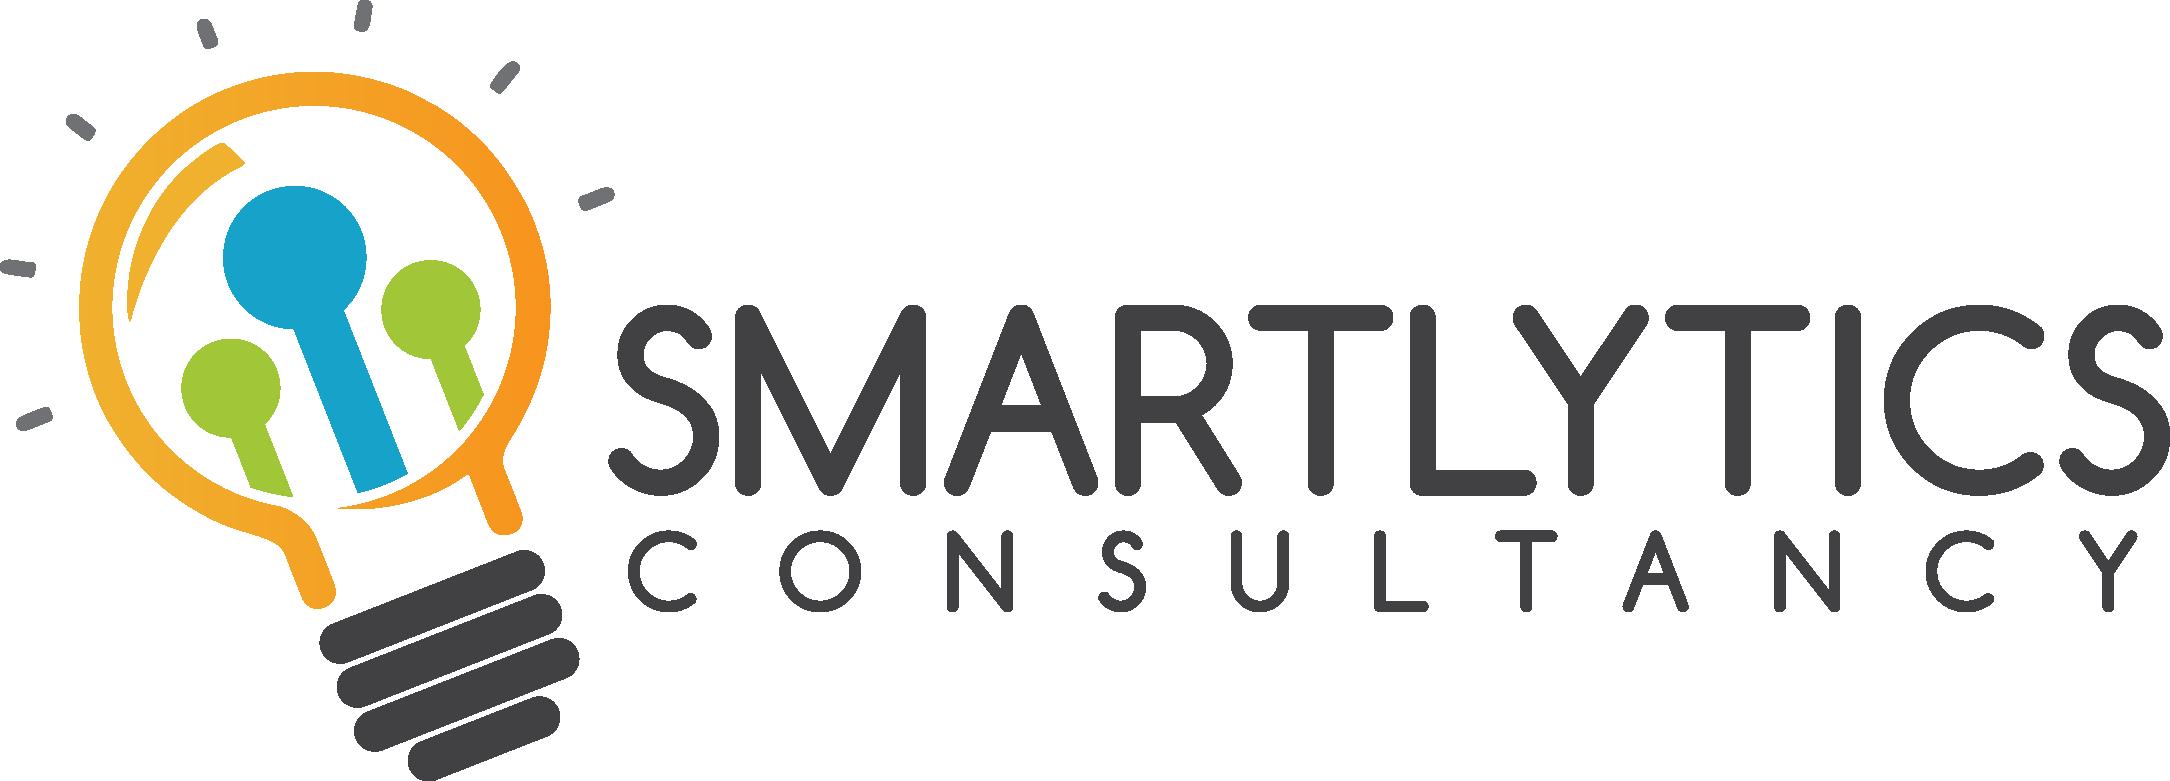 Smartlytics Consultancy Logo